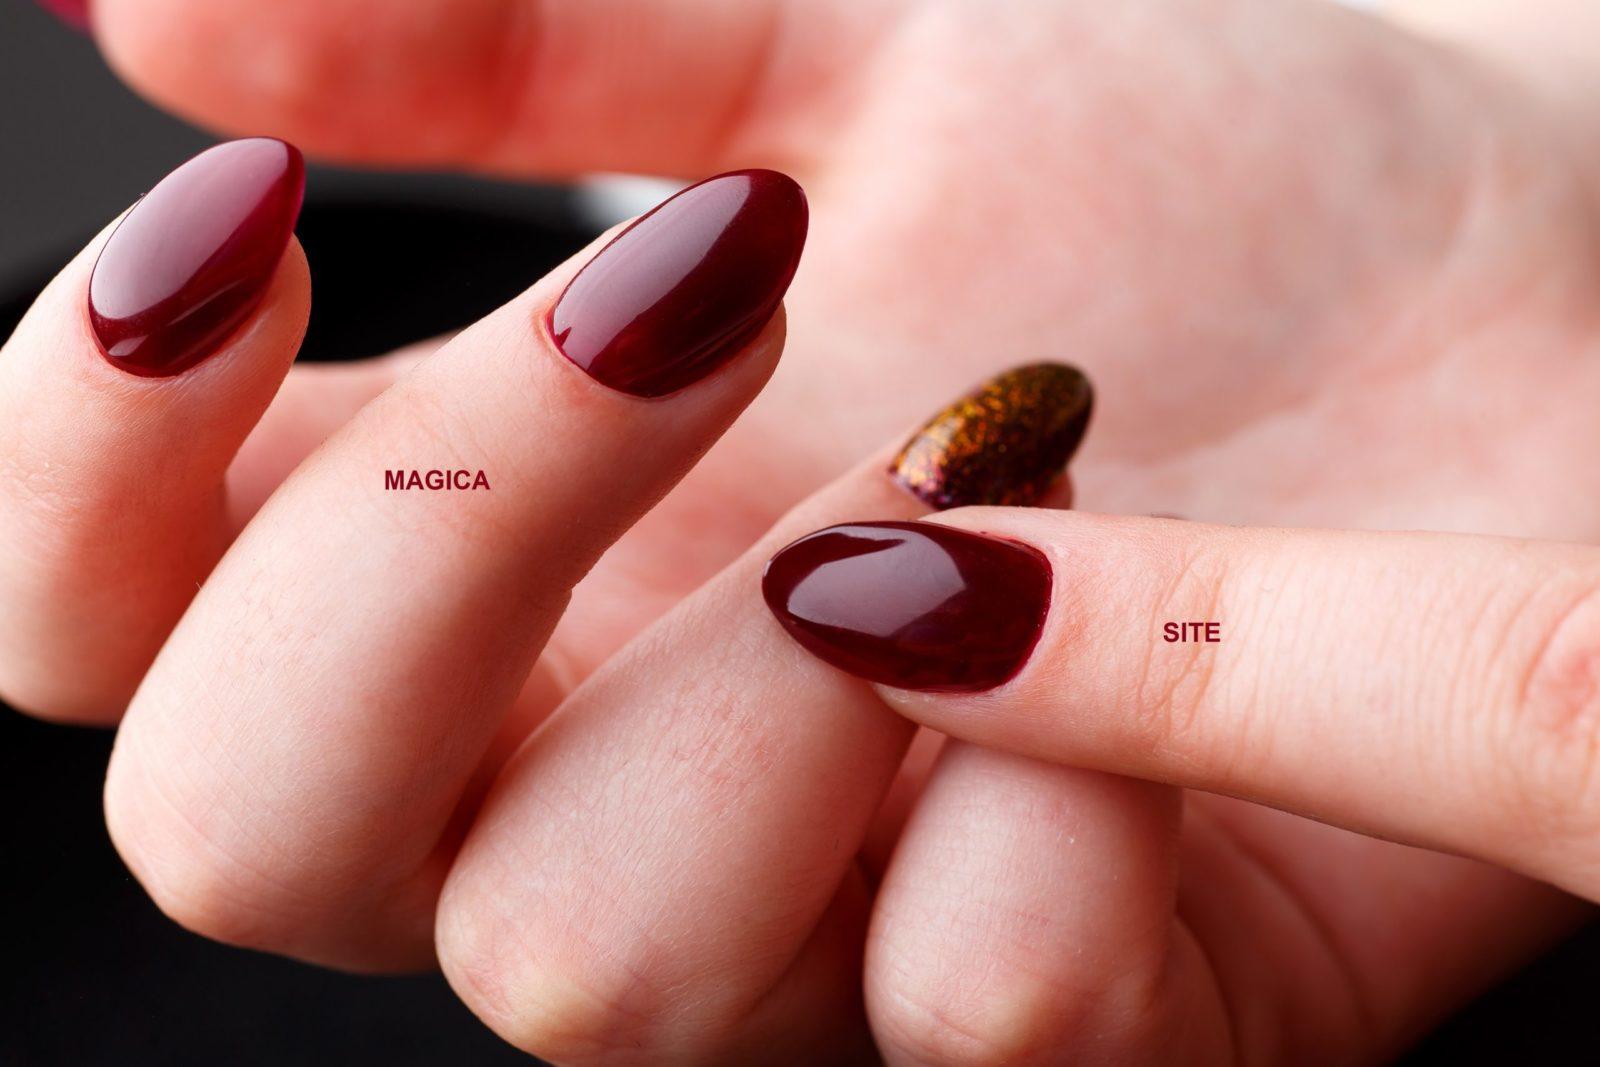 осенний маникюр, ногтевой дизайн, бордовые ногти, красные ногти, винный цвет, маникюр 2020, комбинированный маникюр, блёстки на ногтях